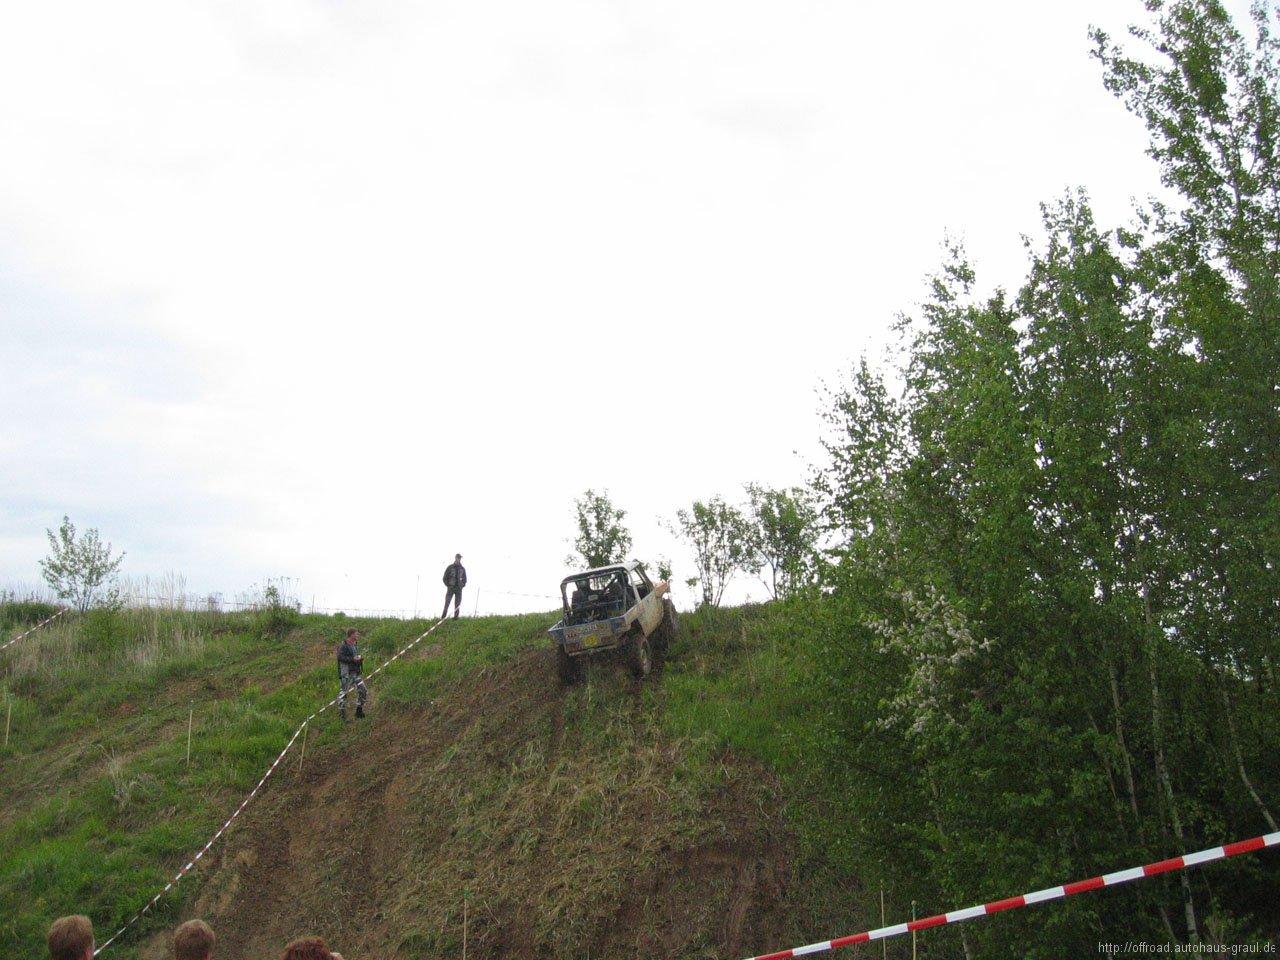 Trail Chemnitz - 2005 - Bild 5